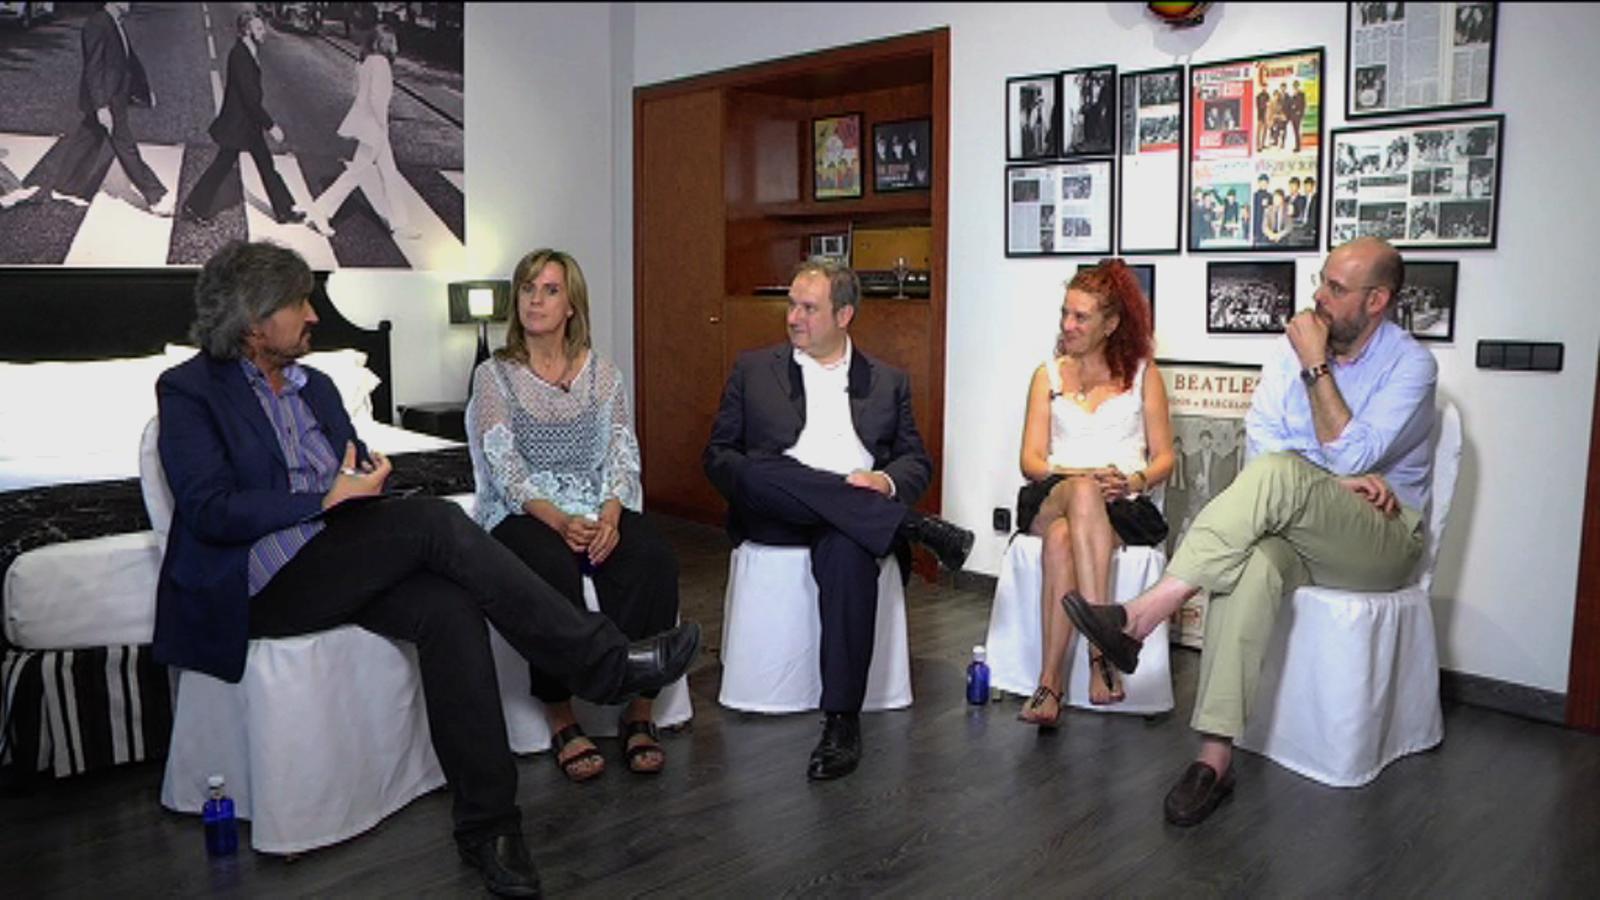 La generació del 1965 amb Carles Capdevila, Gemma Nierga, Jordi Hereu, Jordi Basté i Pepa Plana